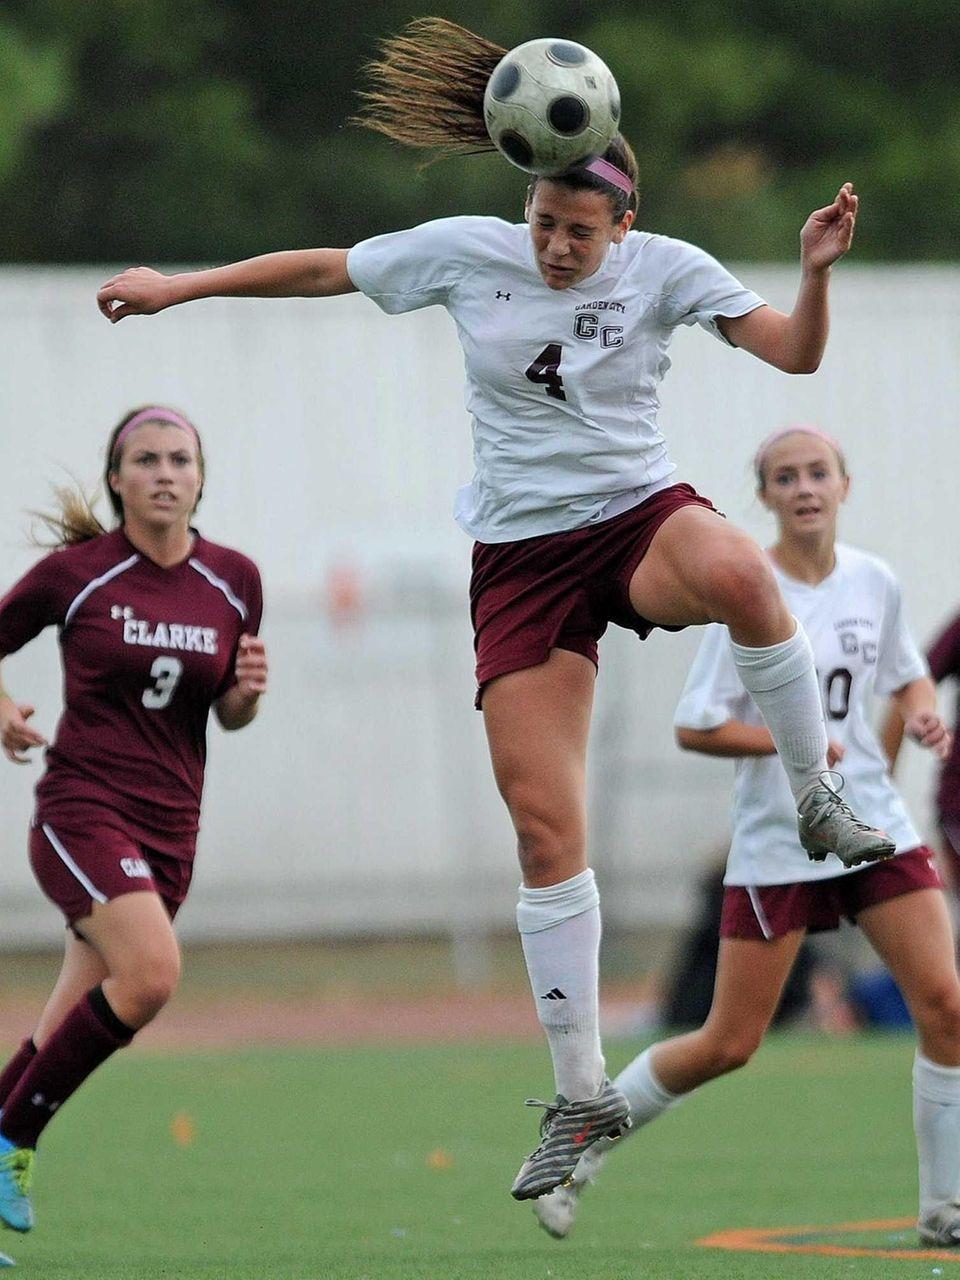 Garden City midfielder Haley O'Hanlon makes a header